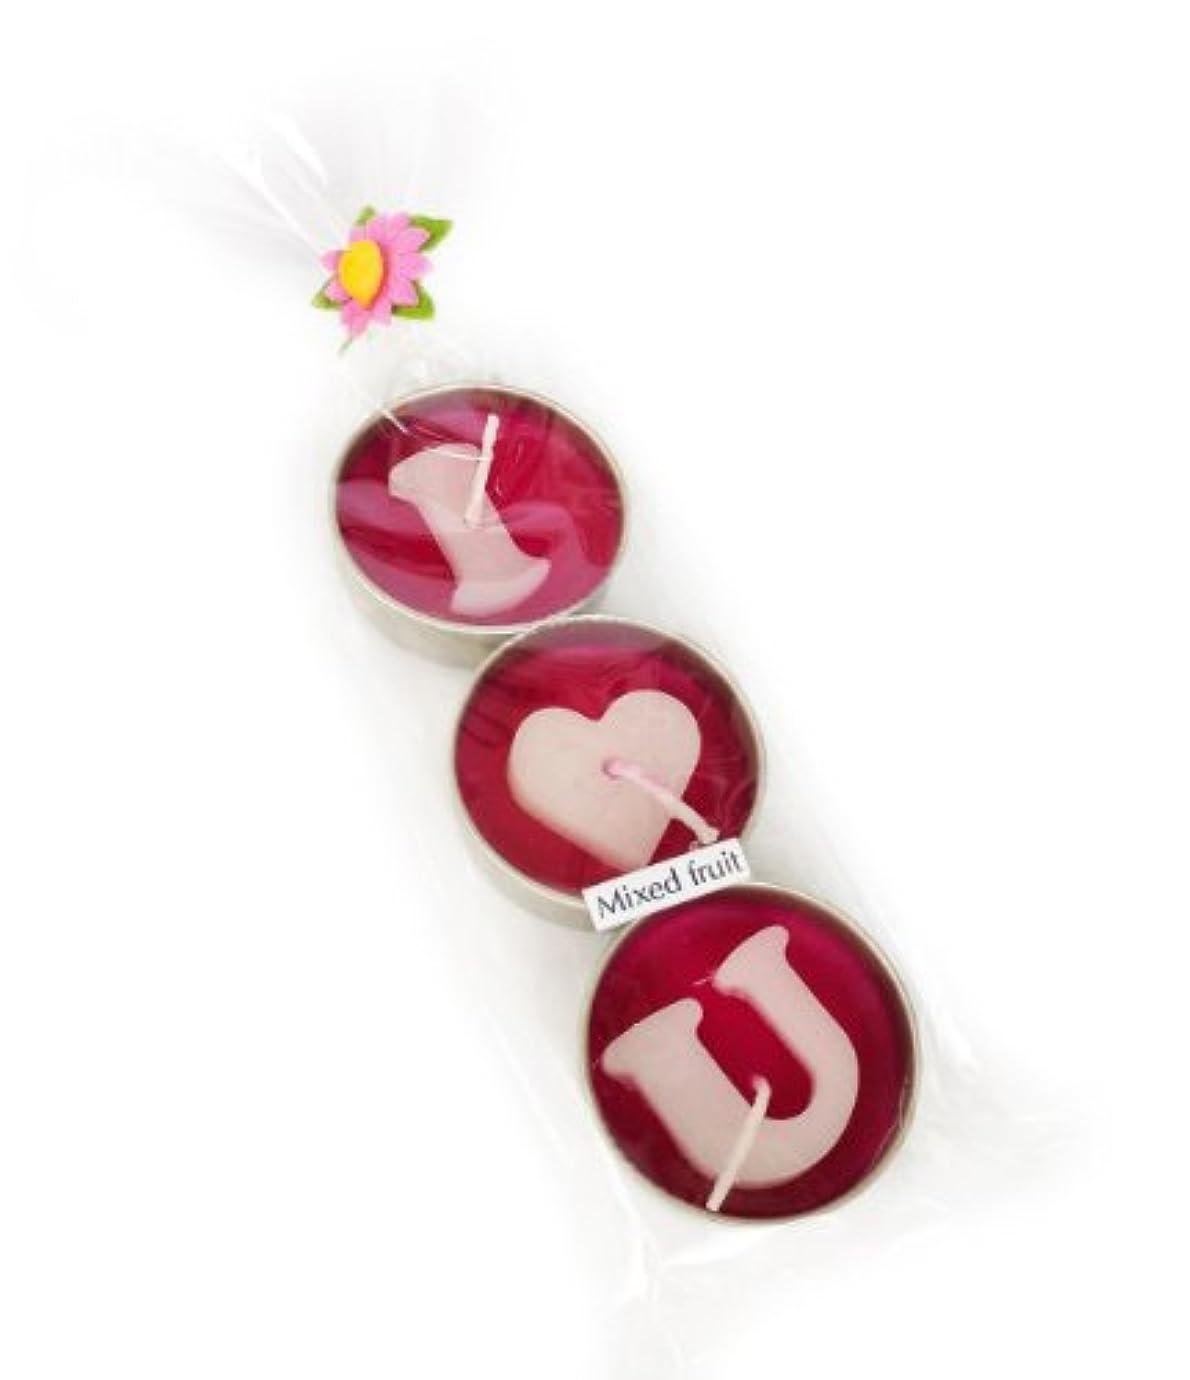 ニッケル協力する暖炉アロマキャンドル/ラブキャンドル/ILoveU/モーク/ロウソク/ろうそ/1パック3個入り/(1Pack  3pc I love U Candle) (Mixed Fruit)